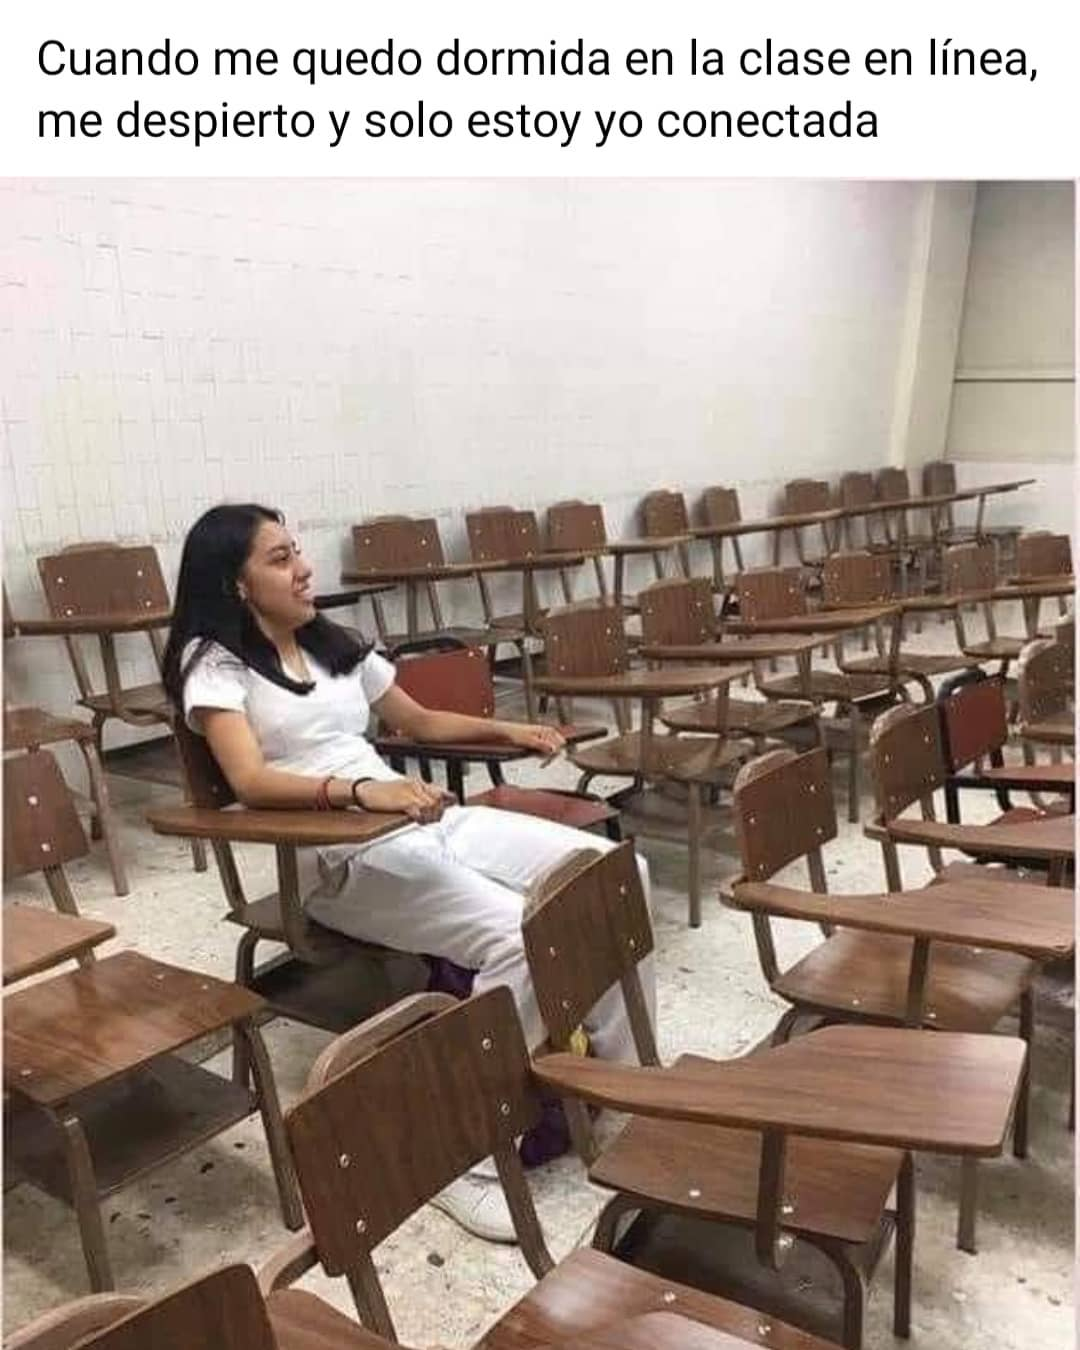 Cuando me quedo dormida en la clase en línea, me despierto y solo estoy yo conectada.